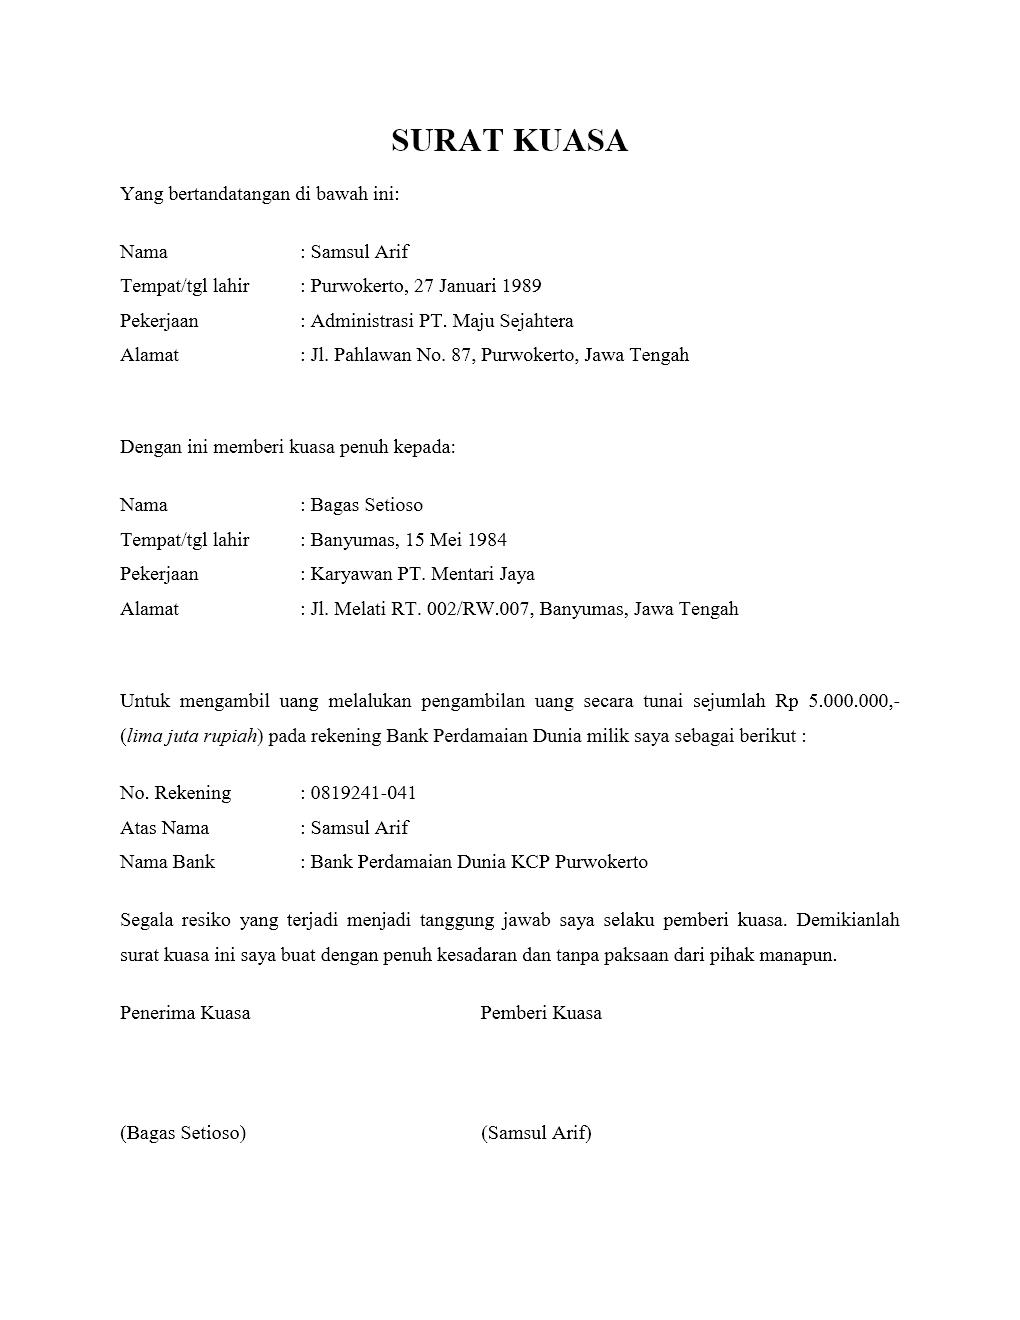 19+ Contoh surat kuasa ke bank bri terbaru yang baik